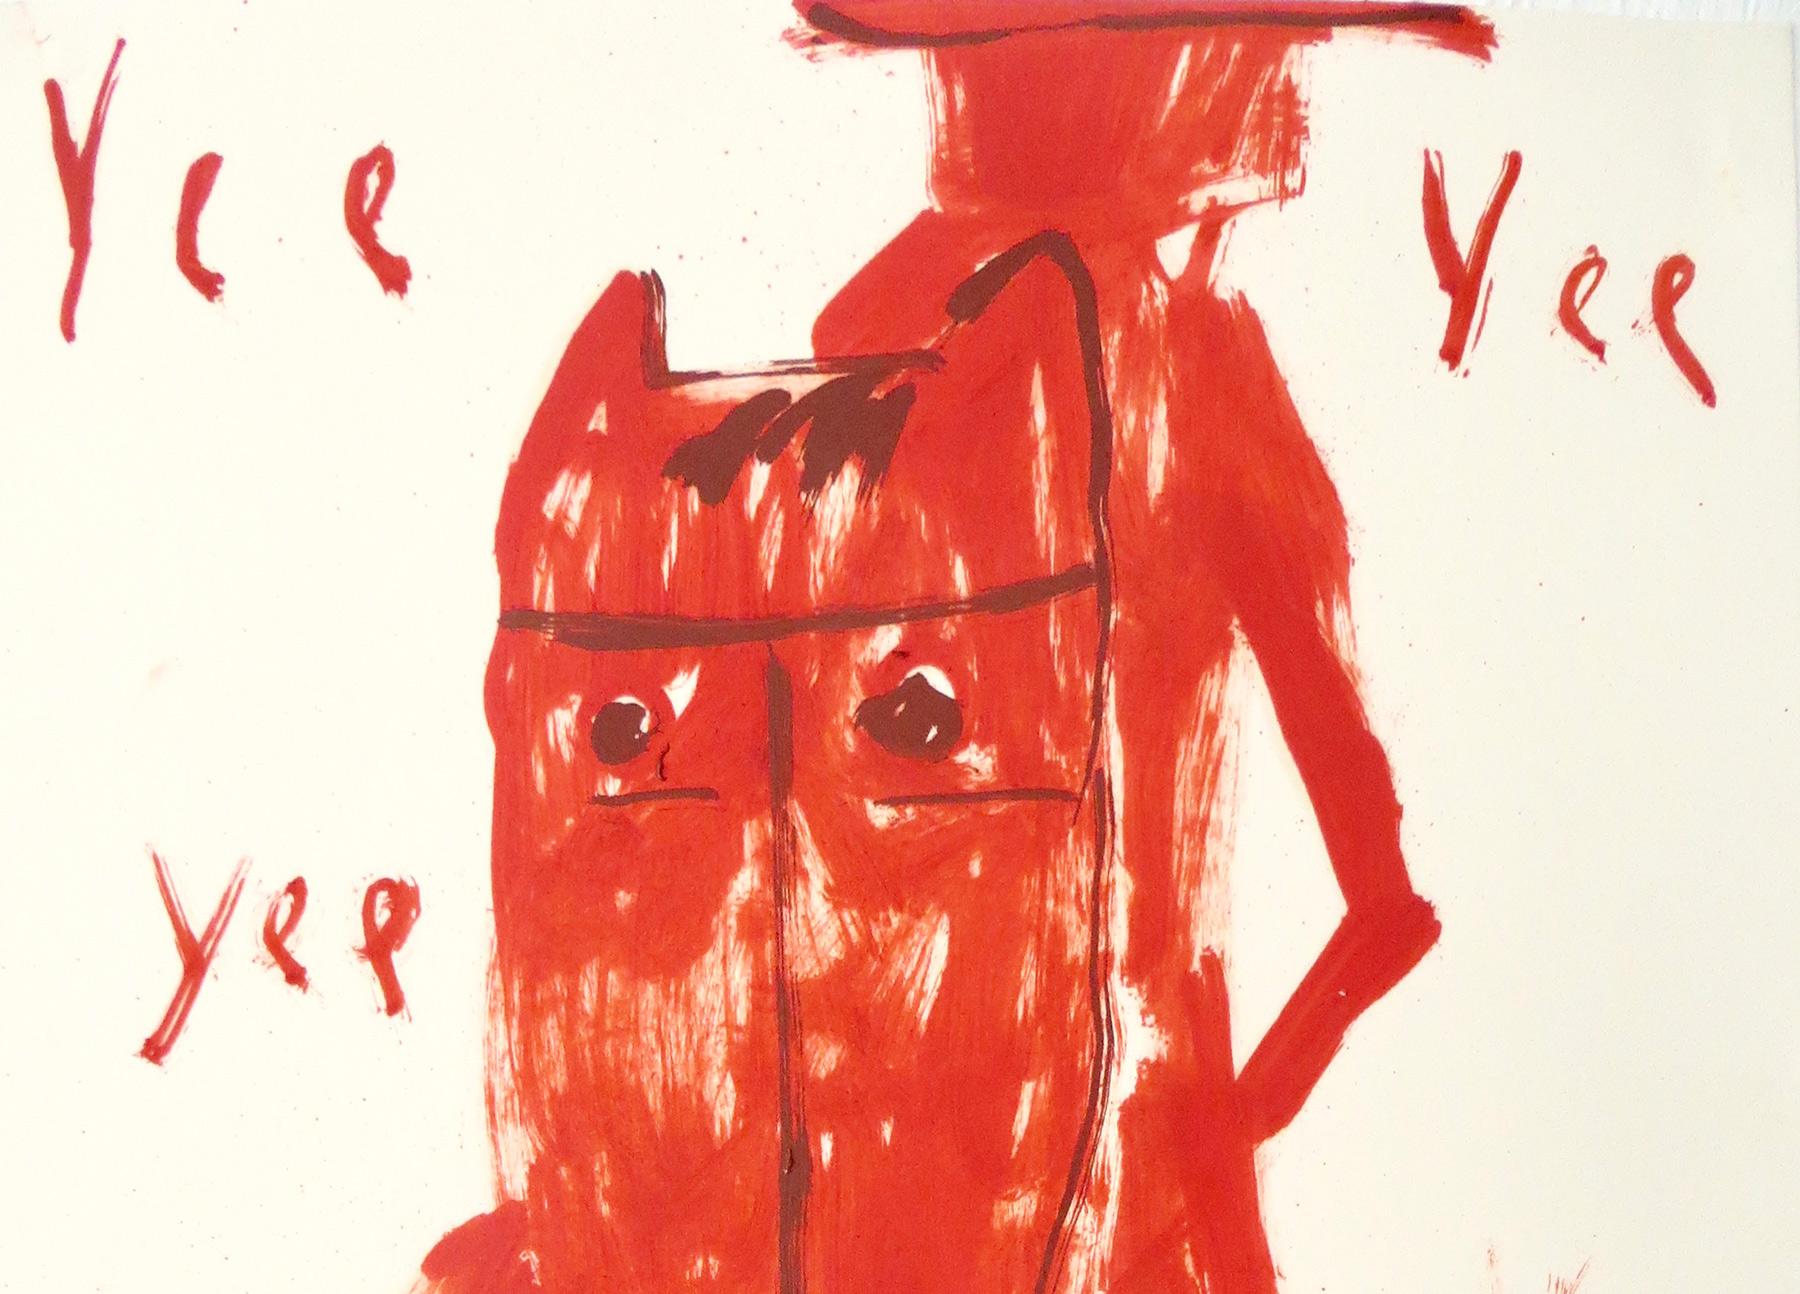 artnews featured artist, contemporary art platform, munchies art club, overview